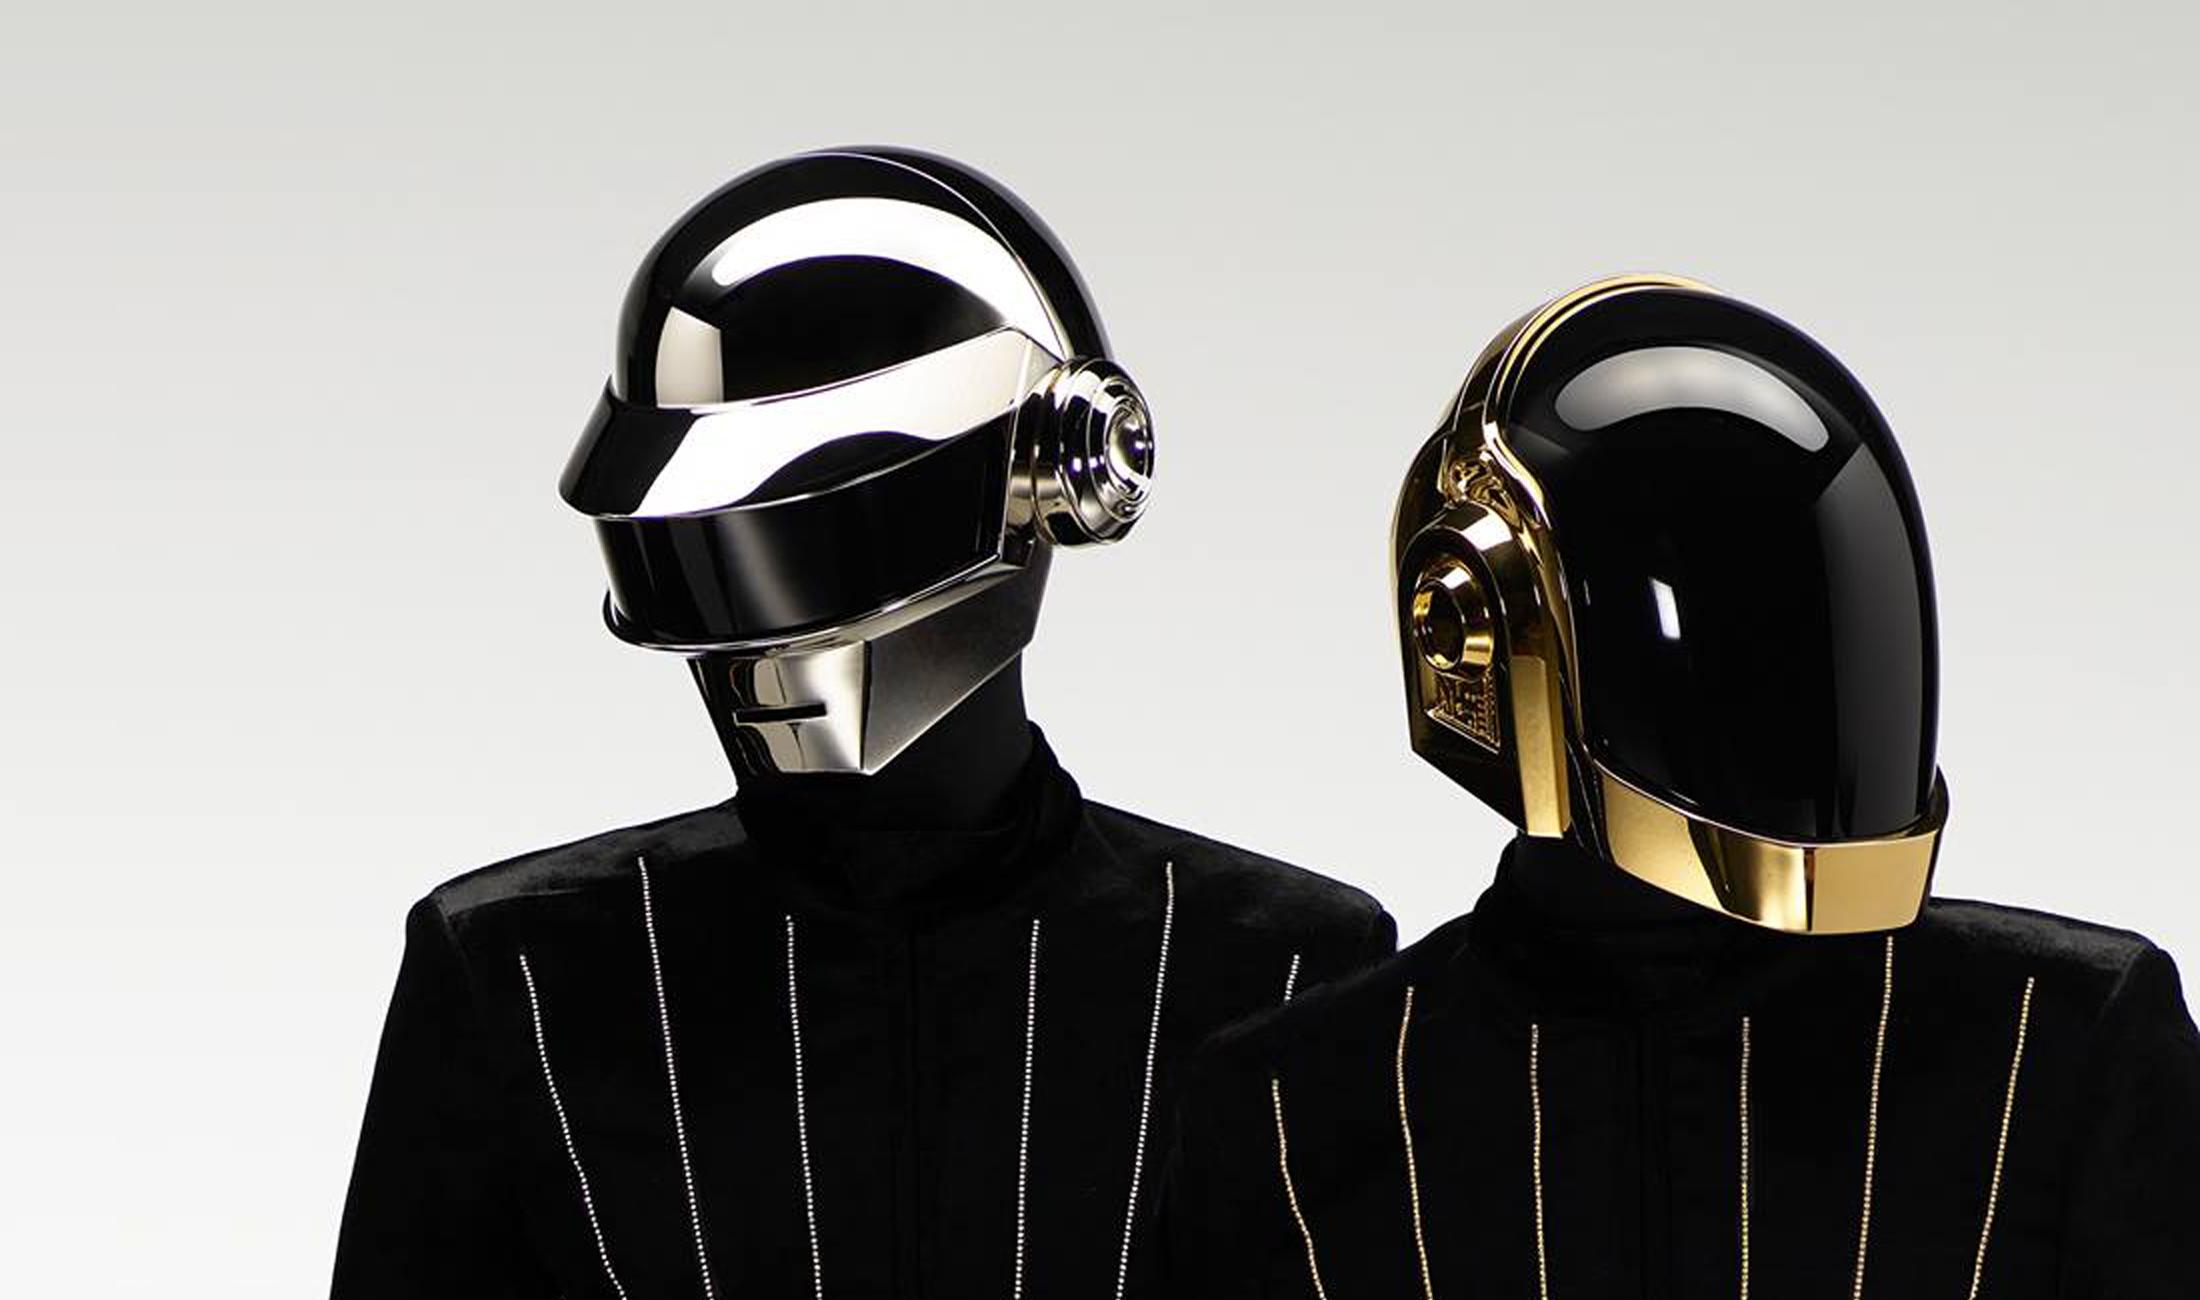 Ausstellung in Paris mit Daft Punk, Kraftwerk und Jean-Michel Jarre